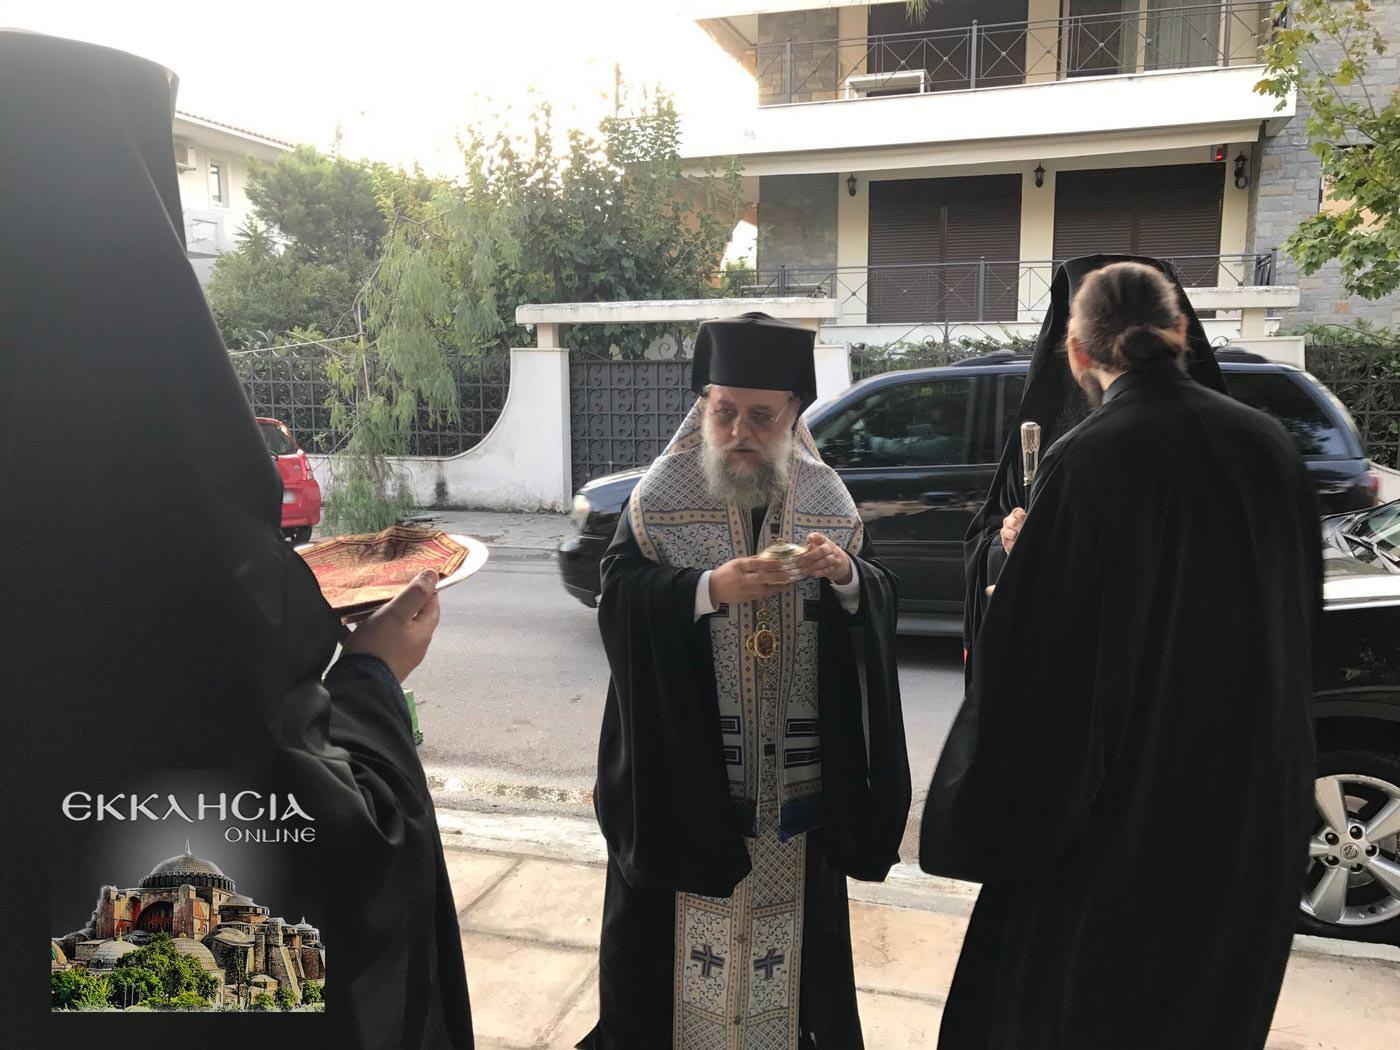 Ιερός Ναός Αγίας Ειρήνης Κηφισιά 2019